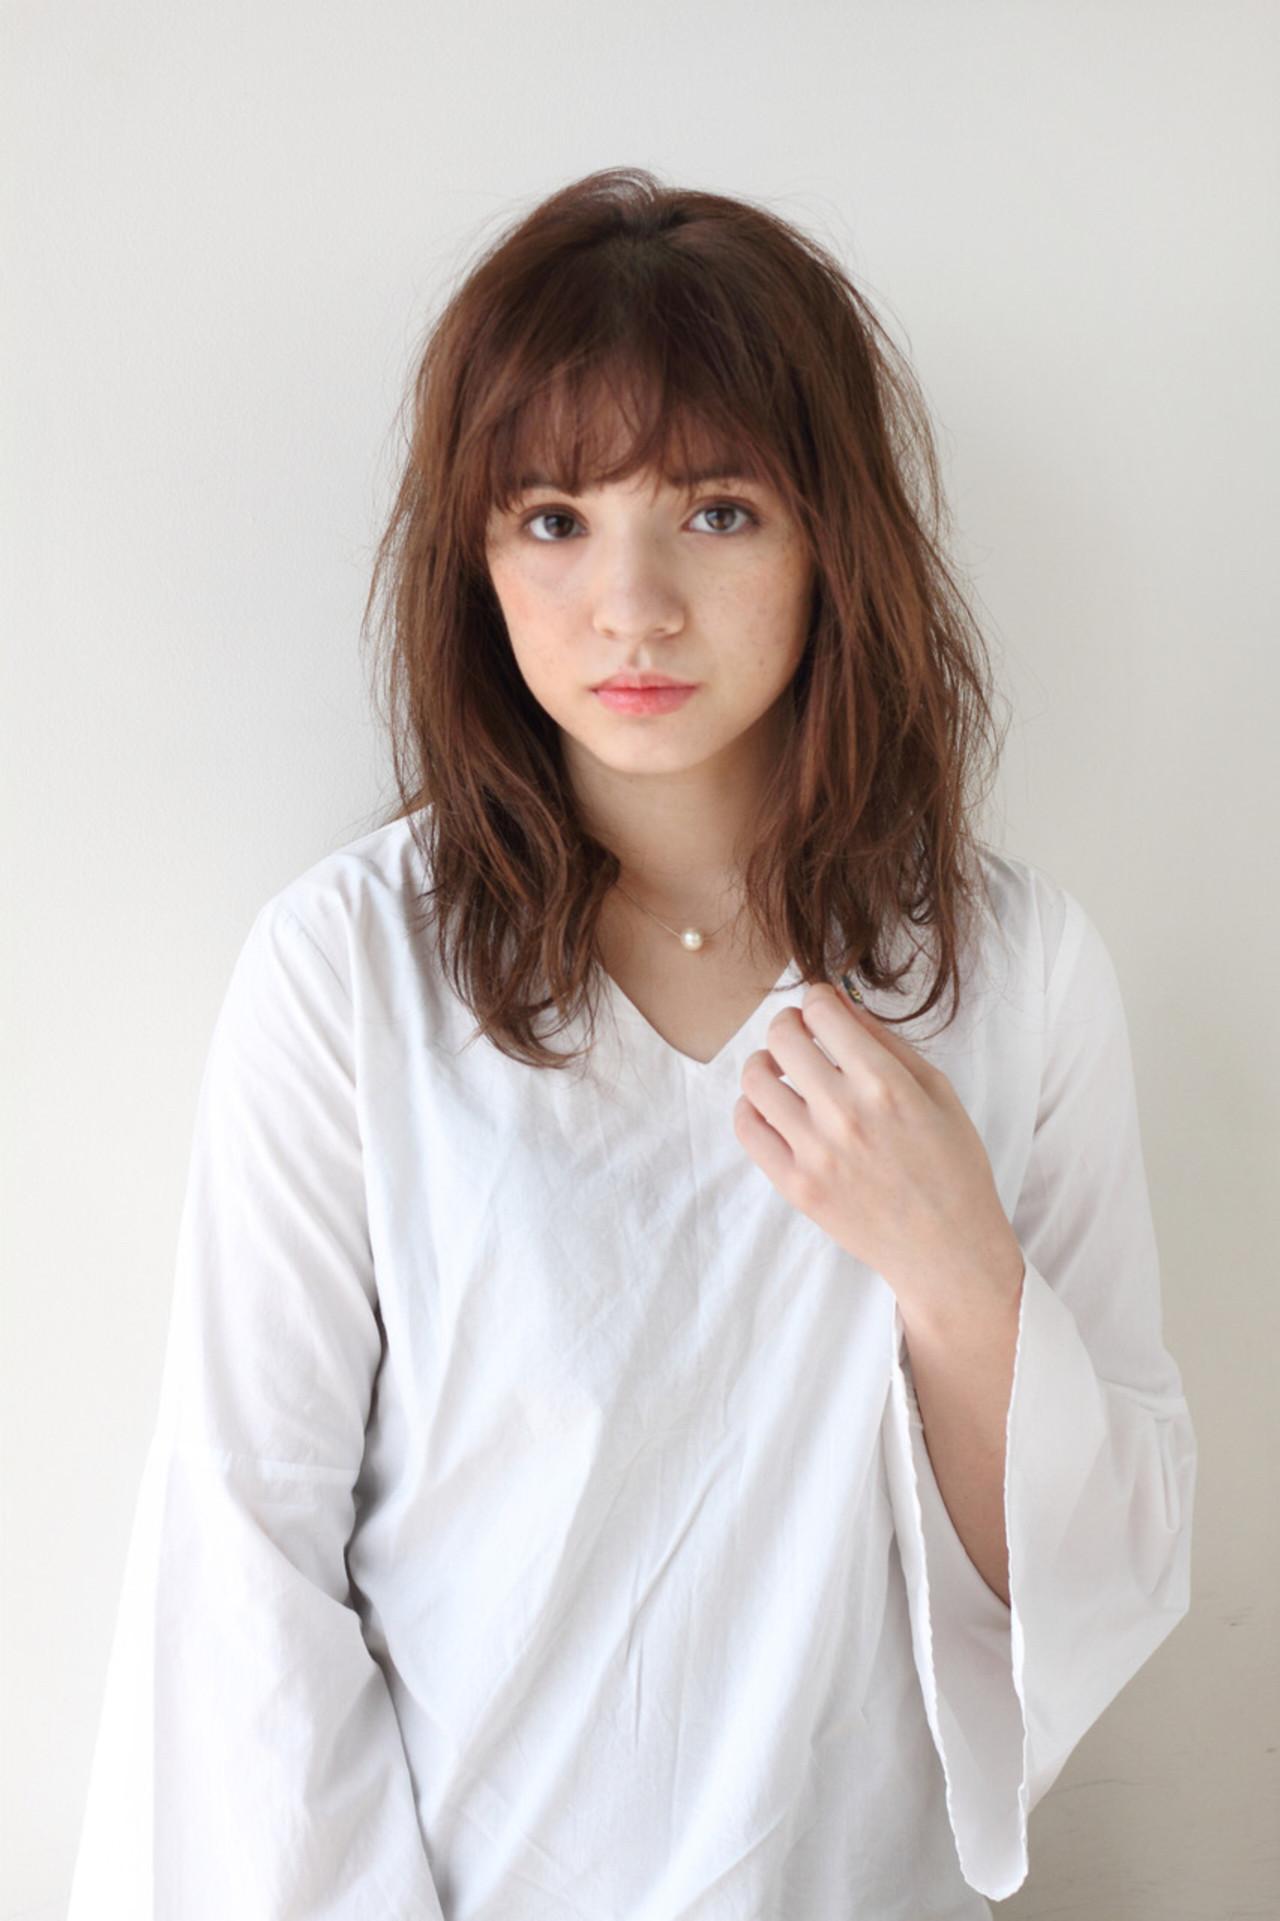 ナチュラル セミロング 抜け感 ラフ ヘアスタイルや髪型の写真・画像 | mod's hair/sasaki ayumi / mod's hair 新宿サウス店